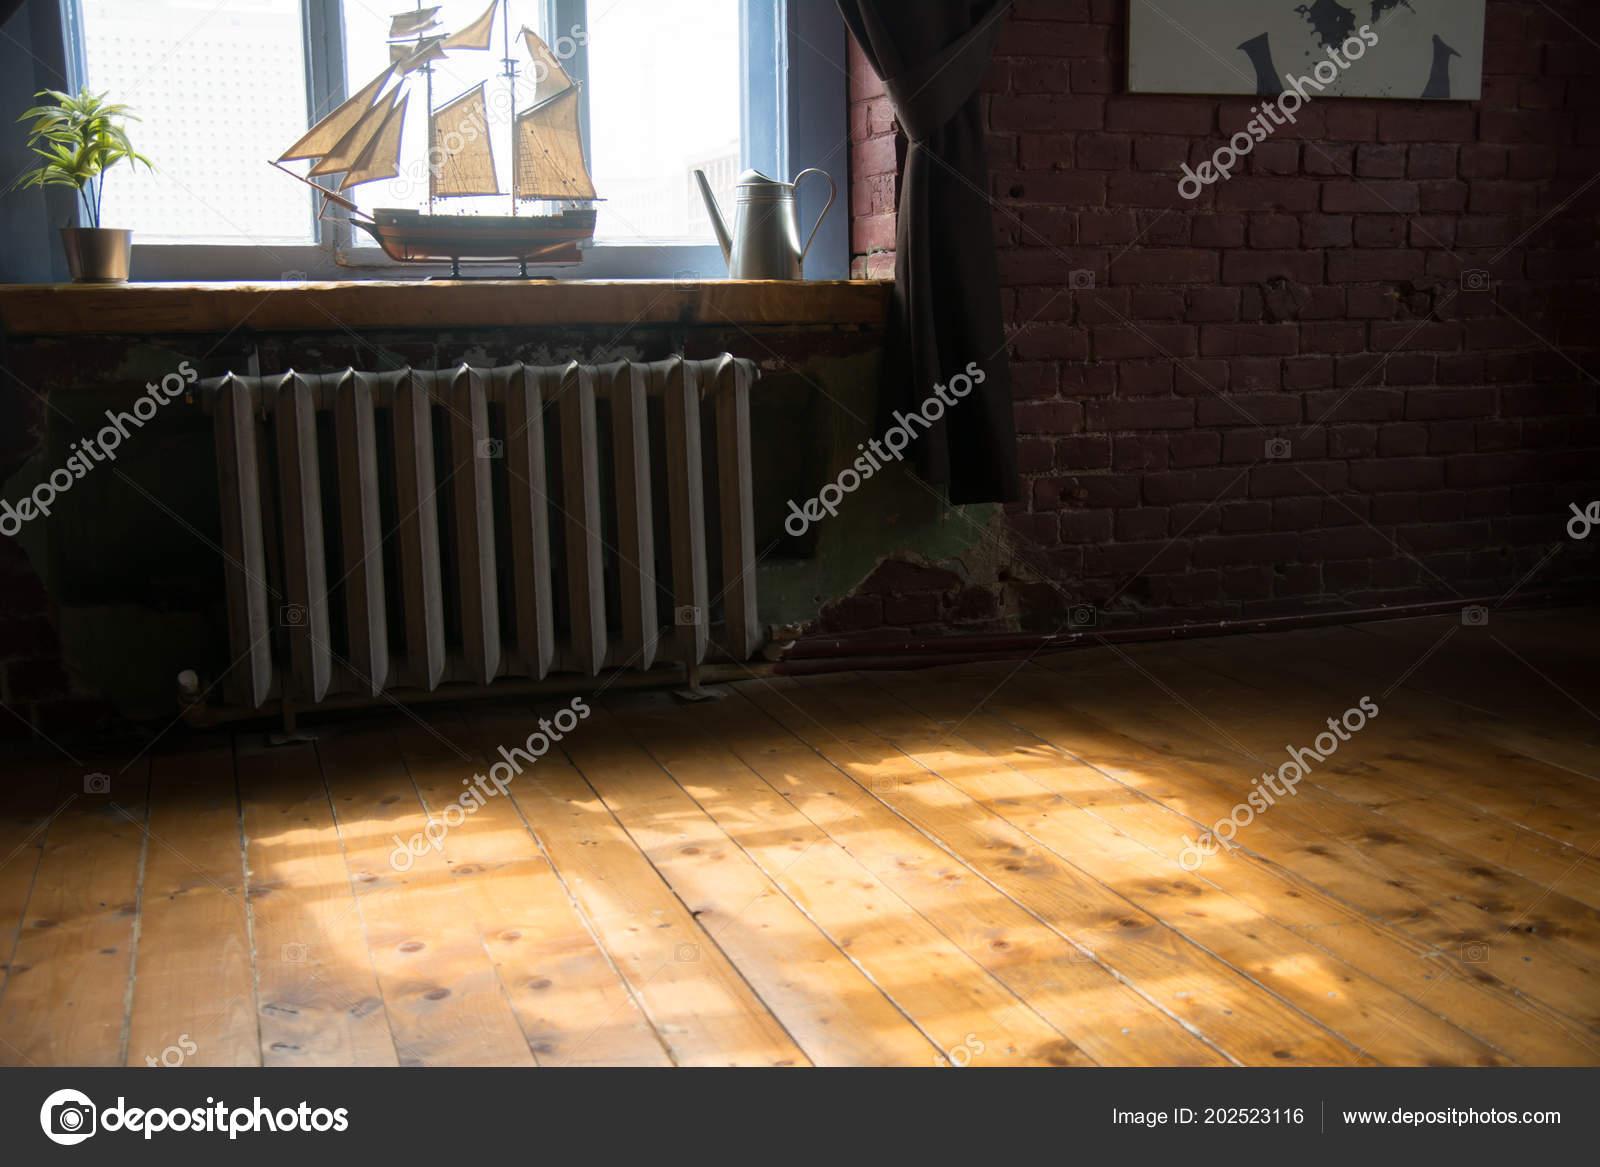 Interieur van kamer met een model van het schip vensterbank